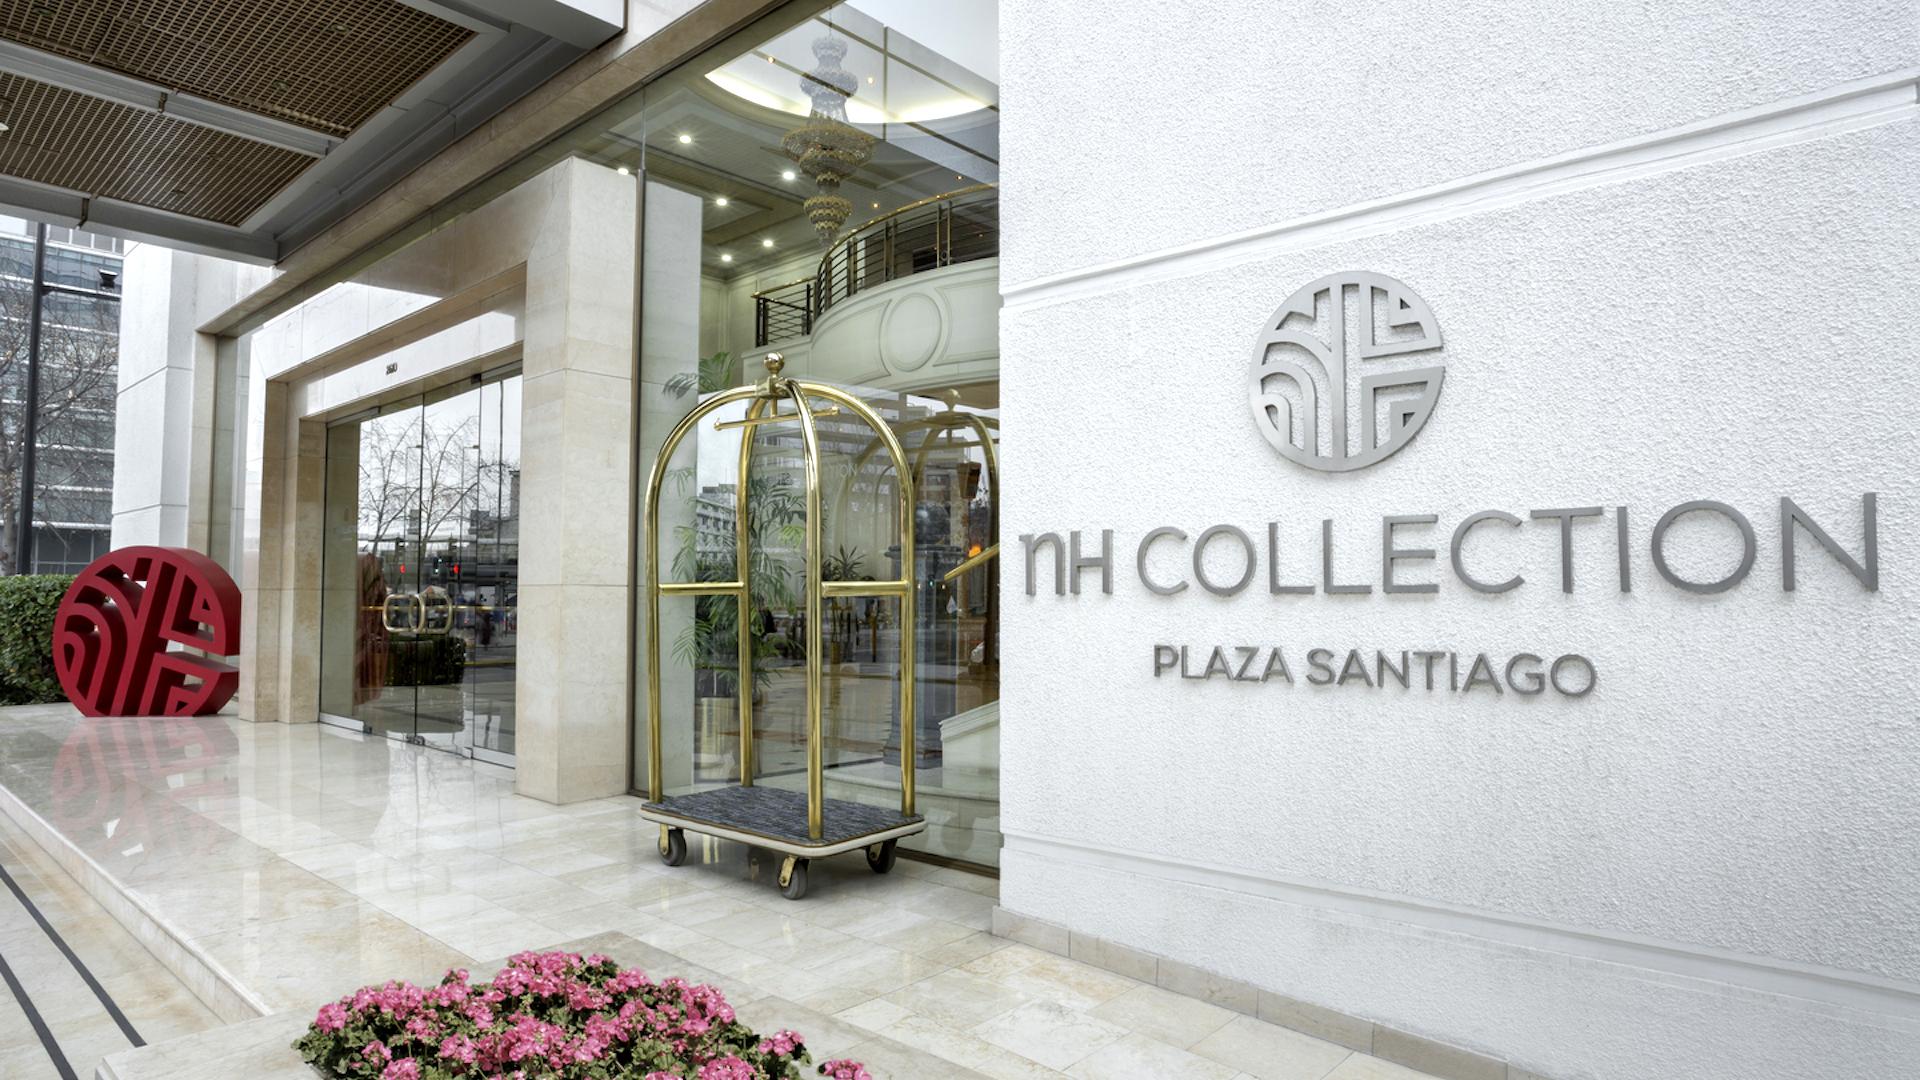 El hotel NH Collection Plaza Santiago preparó festejos para San Valentín